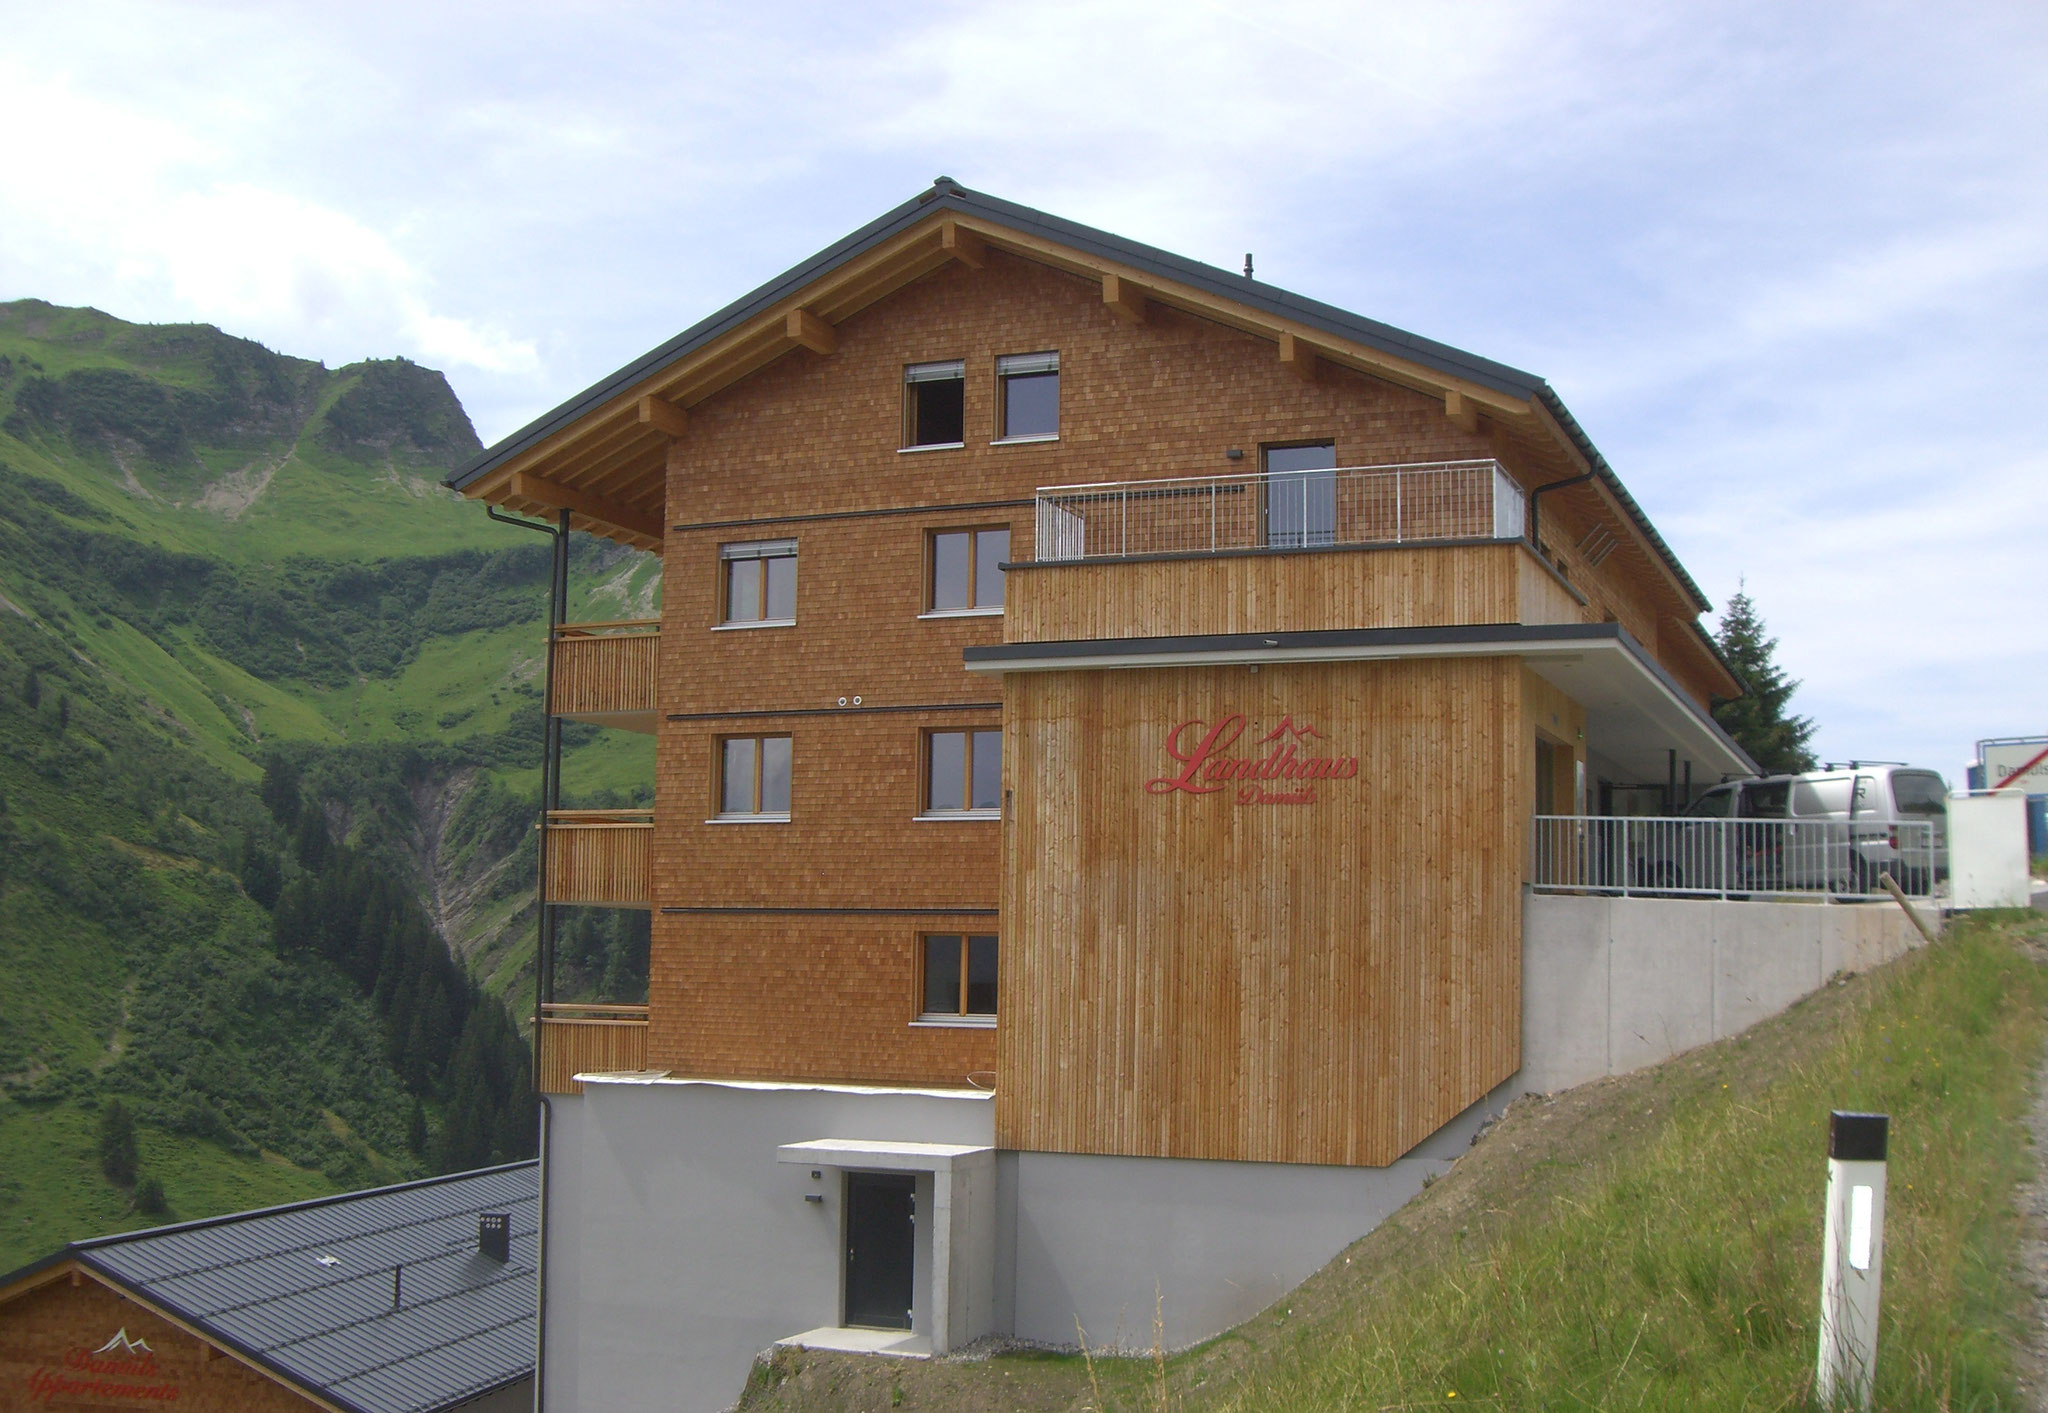 Landhaus Damüls, Bauherr: Natter Wohnbau GmbH